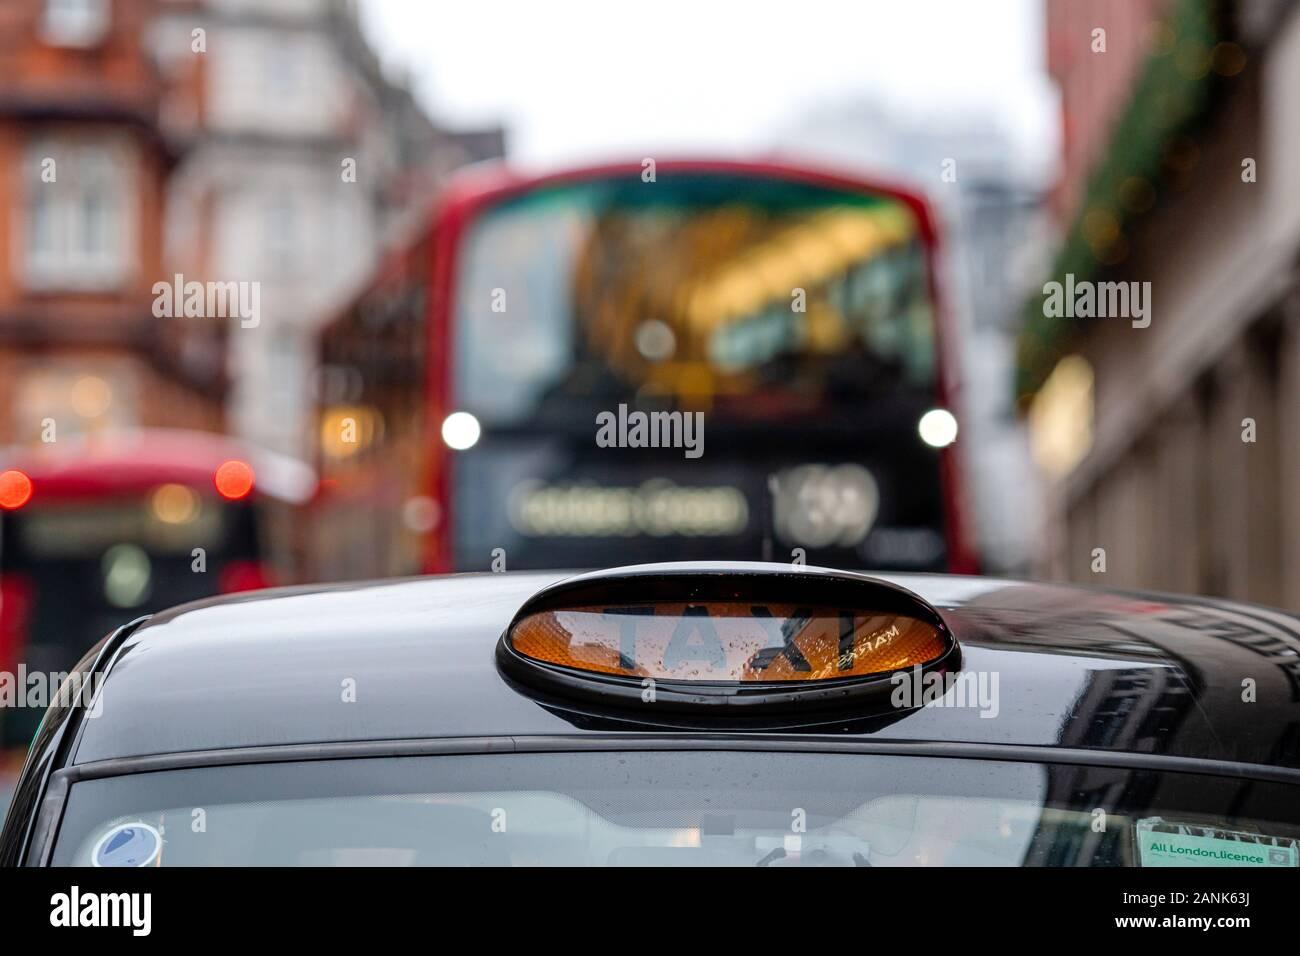 Londres, Inglaterra, Reino Unido - 31 de diciembre de 2019: un taxi negro de Londres británica firmar con autobús rojo de desenfoque de fondo - imagen Foto de stock